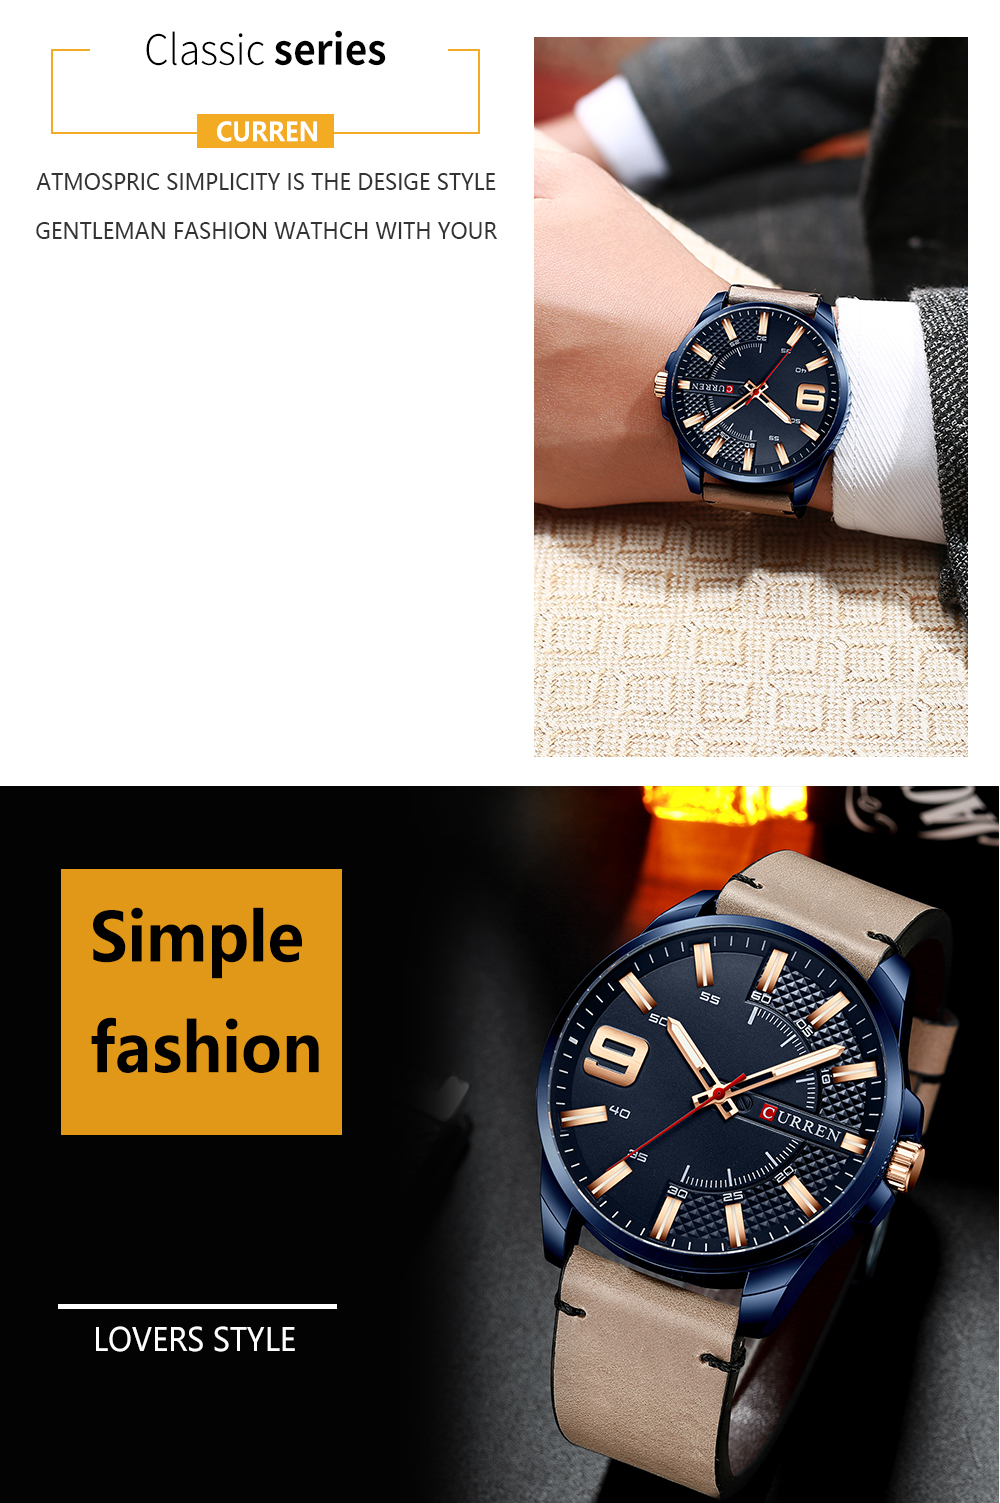 H4c233ff58f6d4aa19aea508c69cc7566G Top Brand Luxury Business Watch Men CURREN Watches